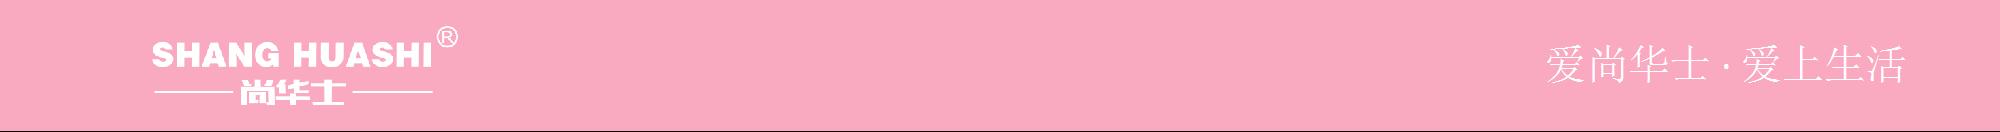 南京礼品 南京商务礼品定制 南京单位福利礼品定制 南京会议礼品 南京随手礼批发